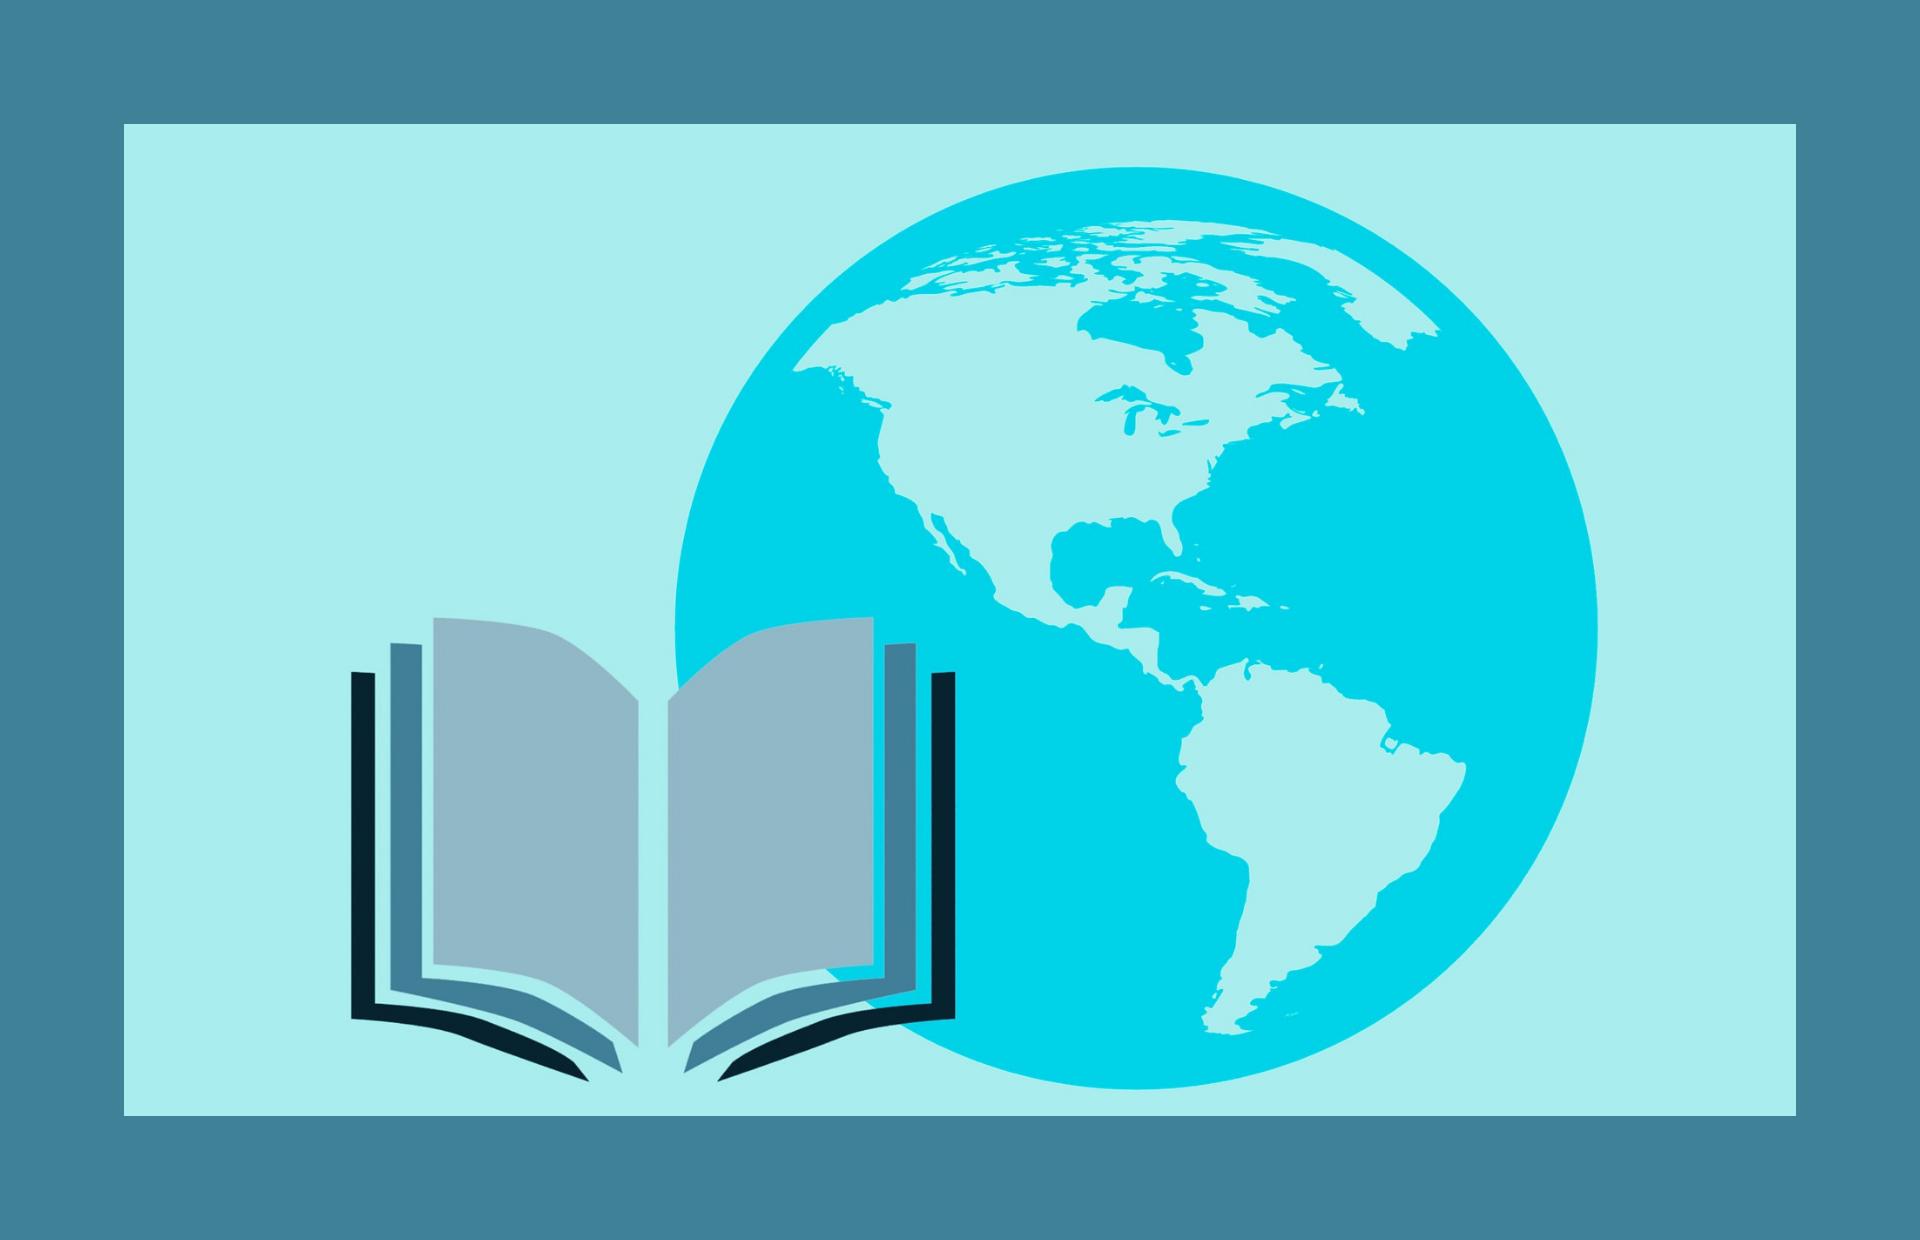 Σχολείο και πολιτισμική εκπαίδευση: μια πονεμένη ιστορία…